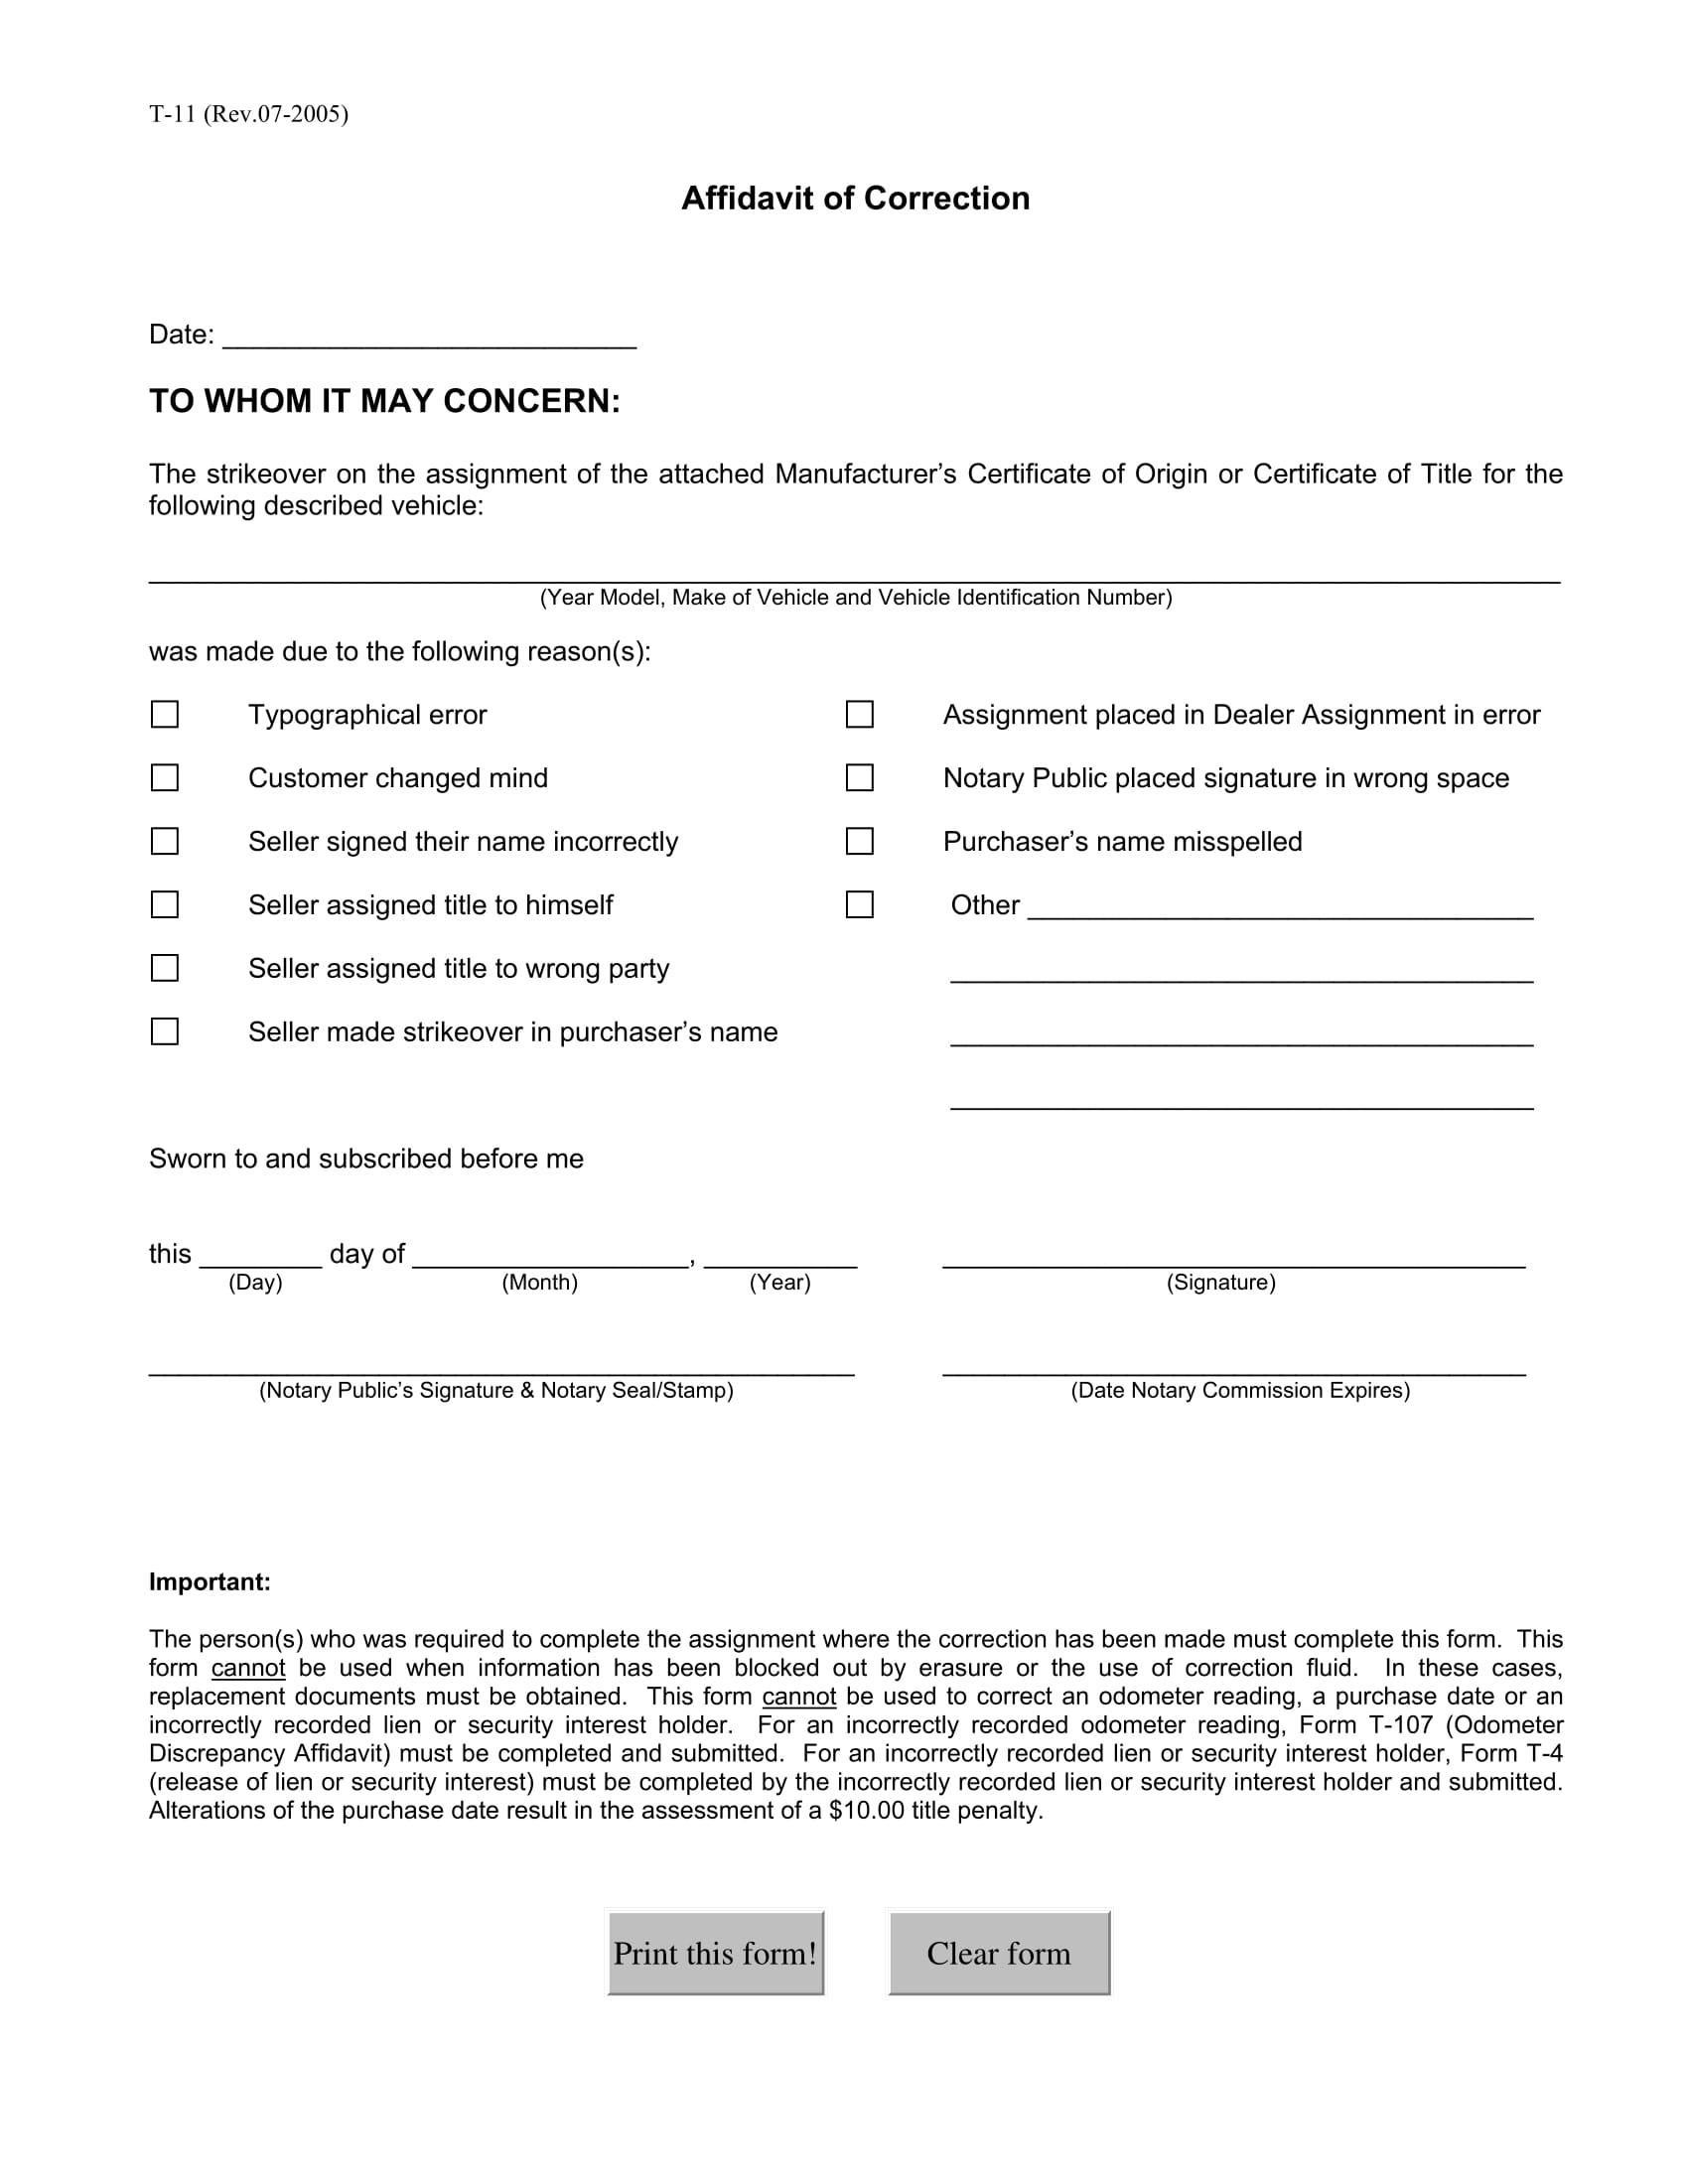 affidavit of correction for vehicles 1